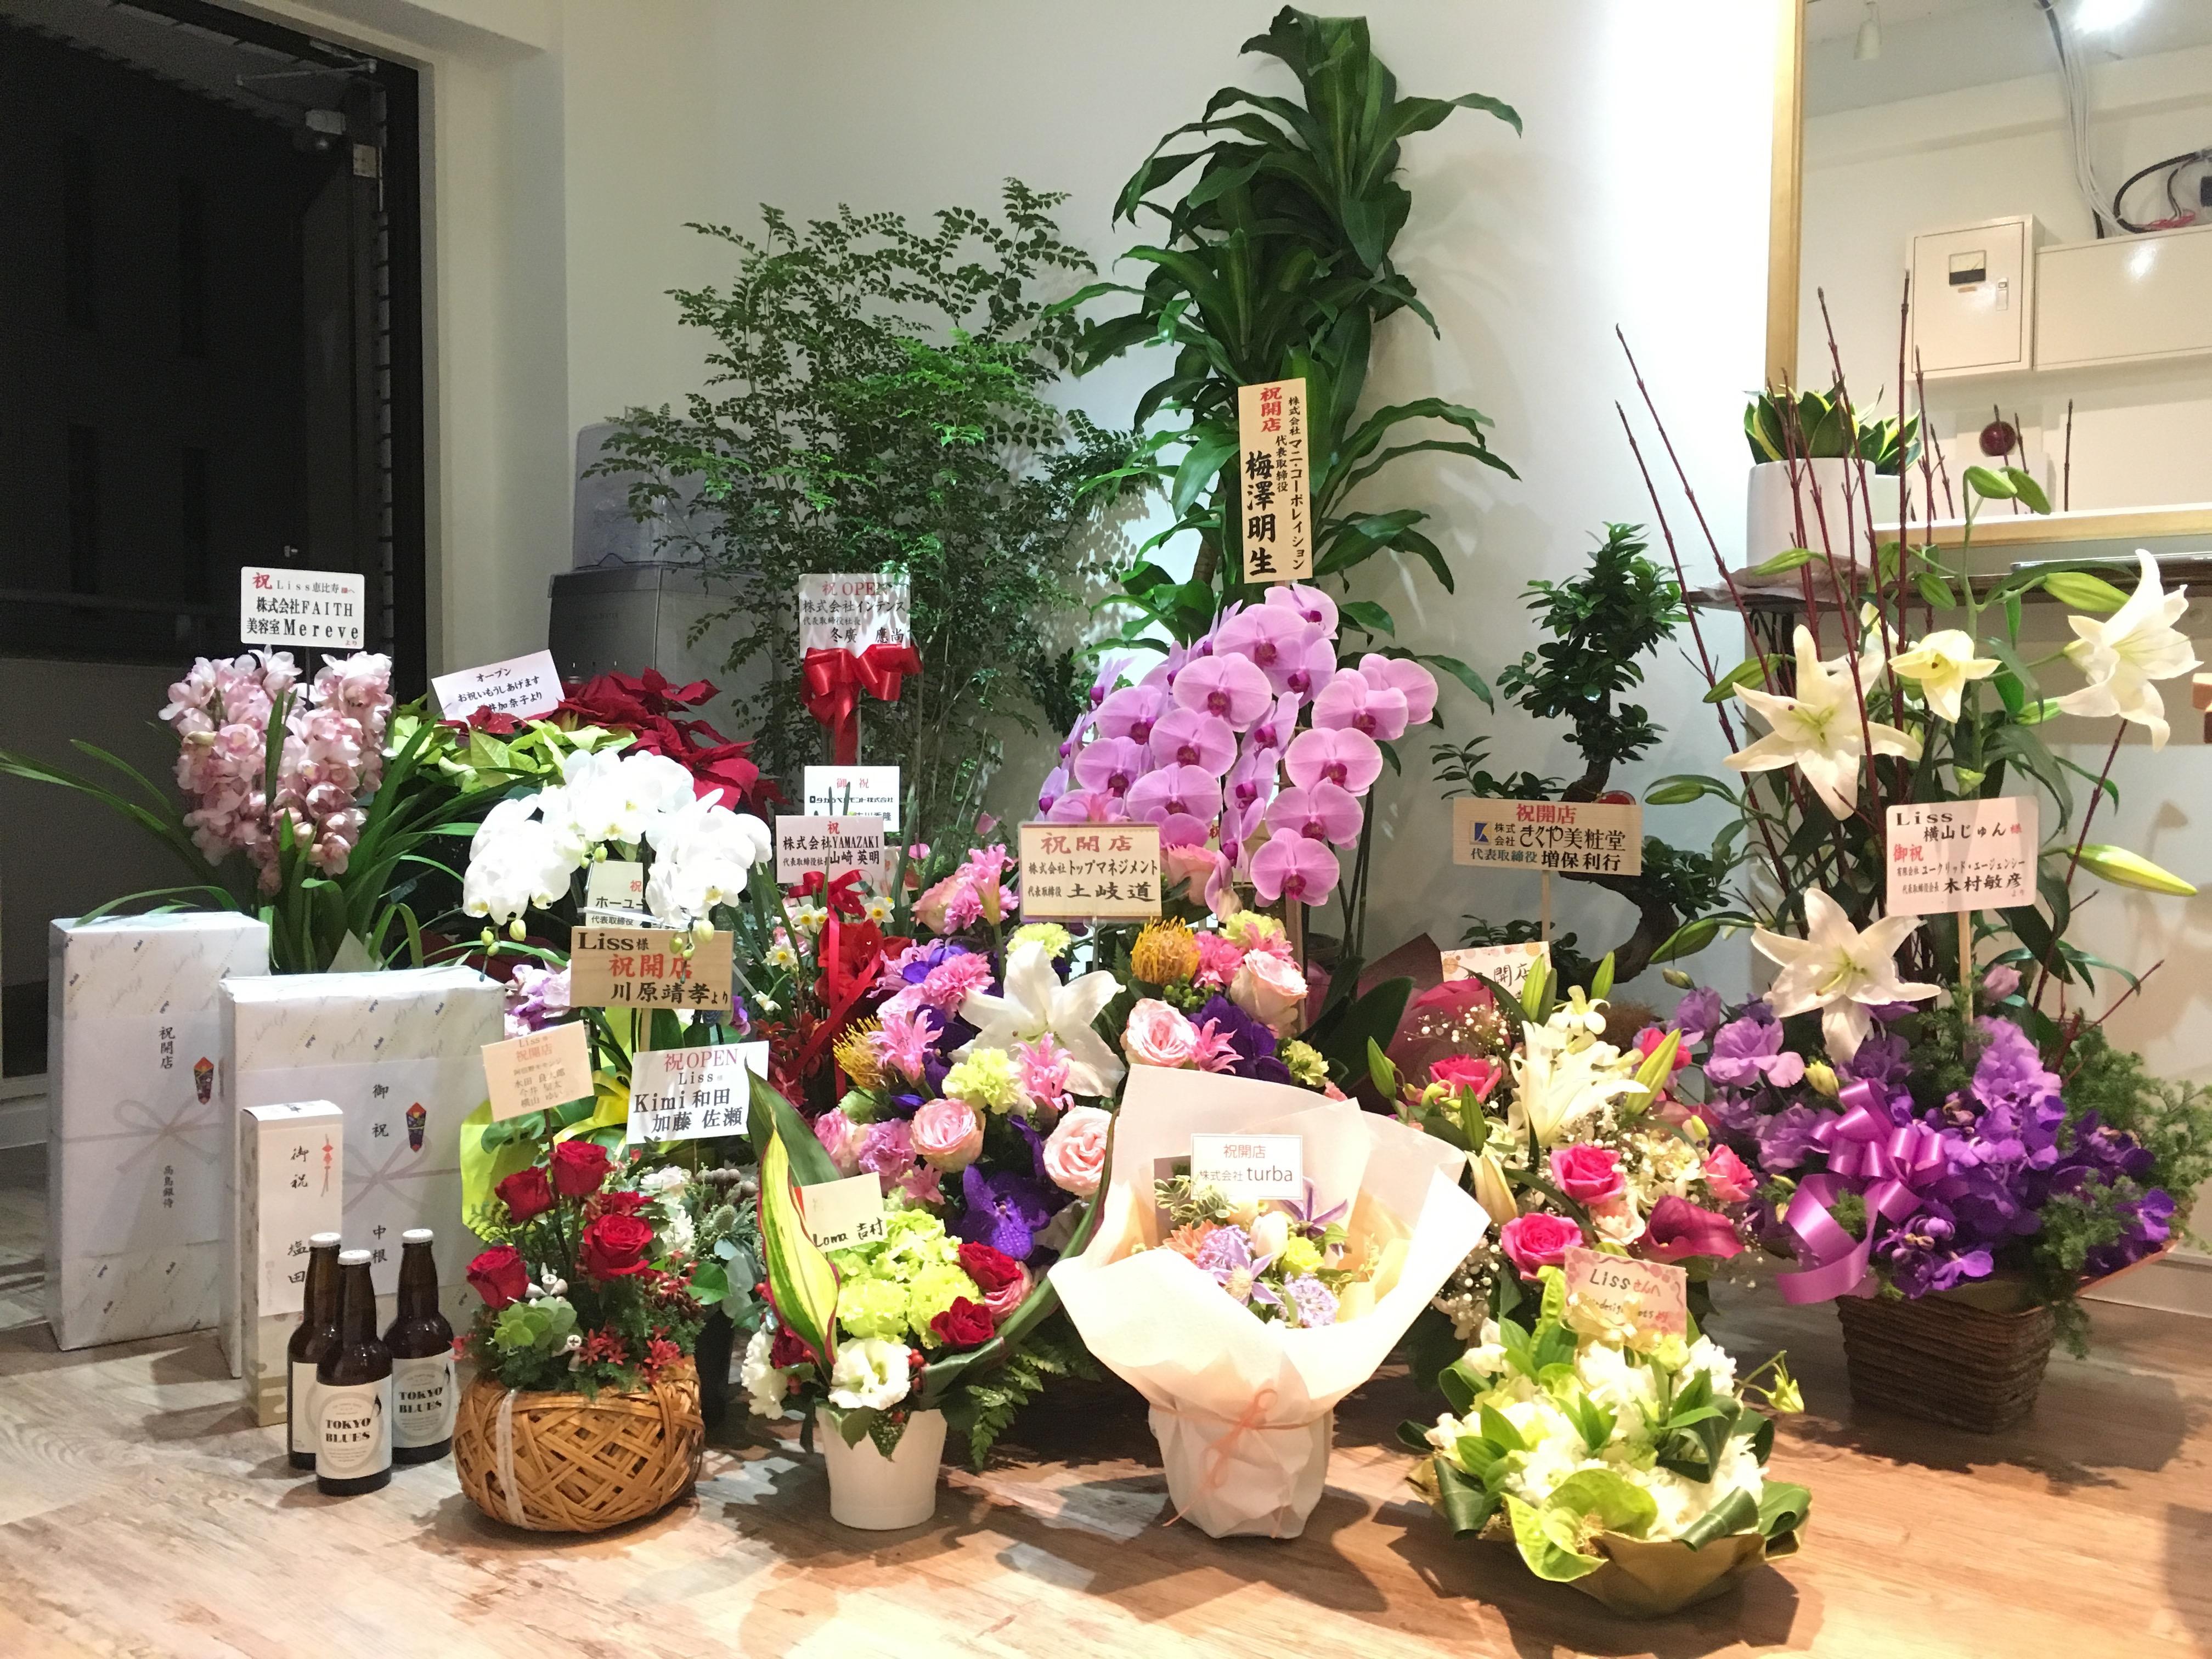 OPEN初日!たくさんのお祝いのお花をいただきました☆ありがとうございます!